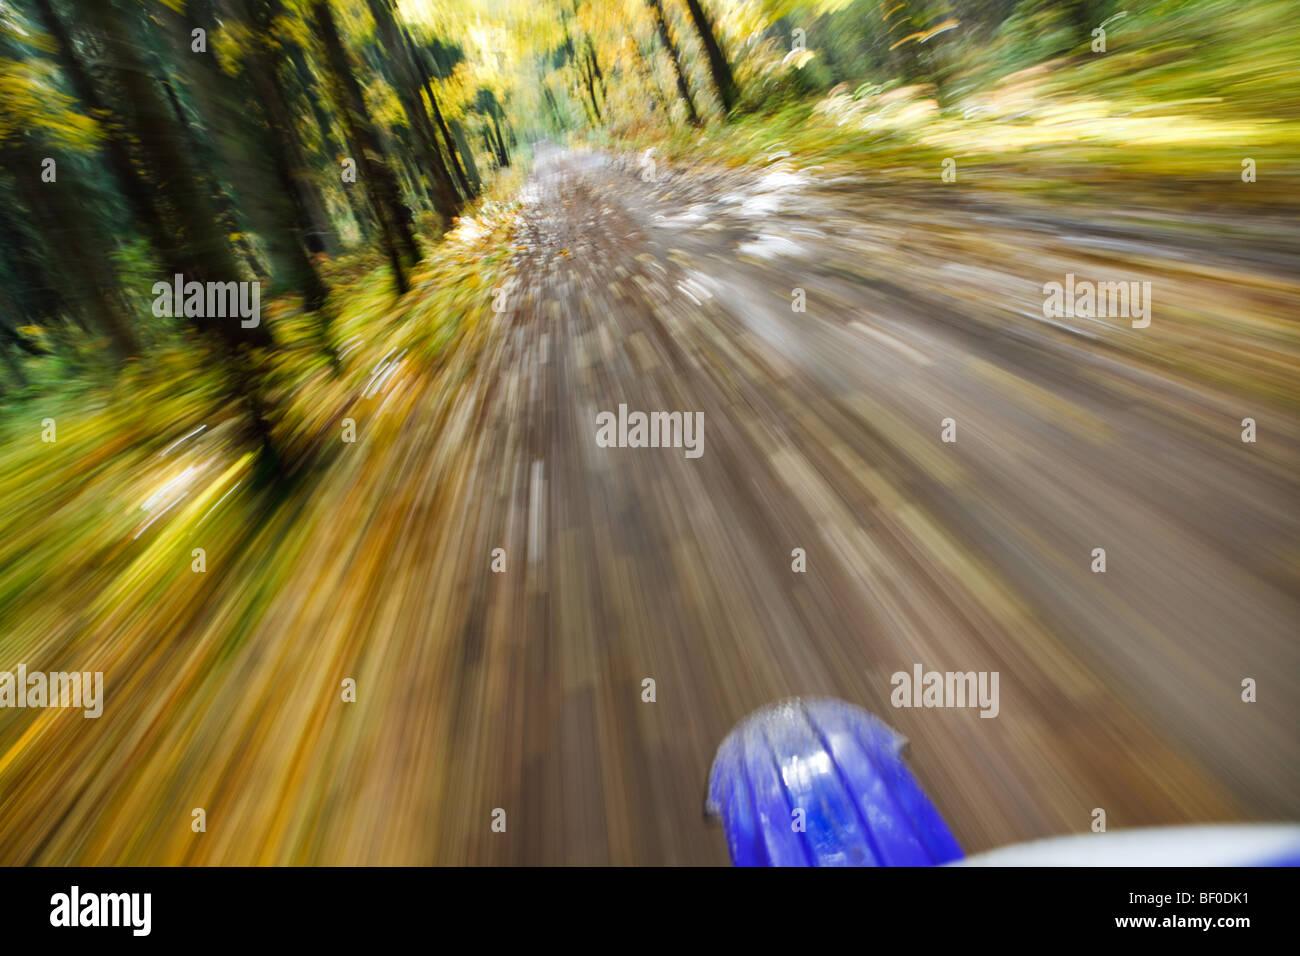 Équitation dirtbike sur route de campagne en automne, de flou à partir de la scène du point de vue Photo Stock